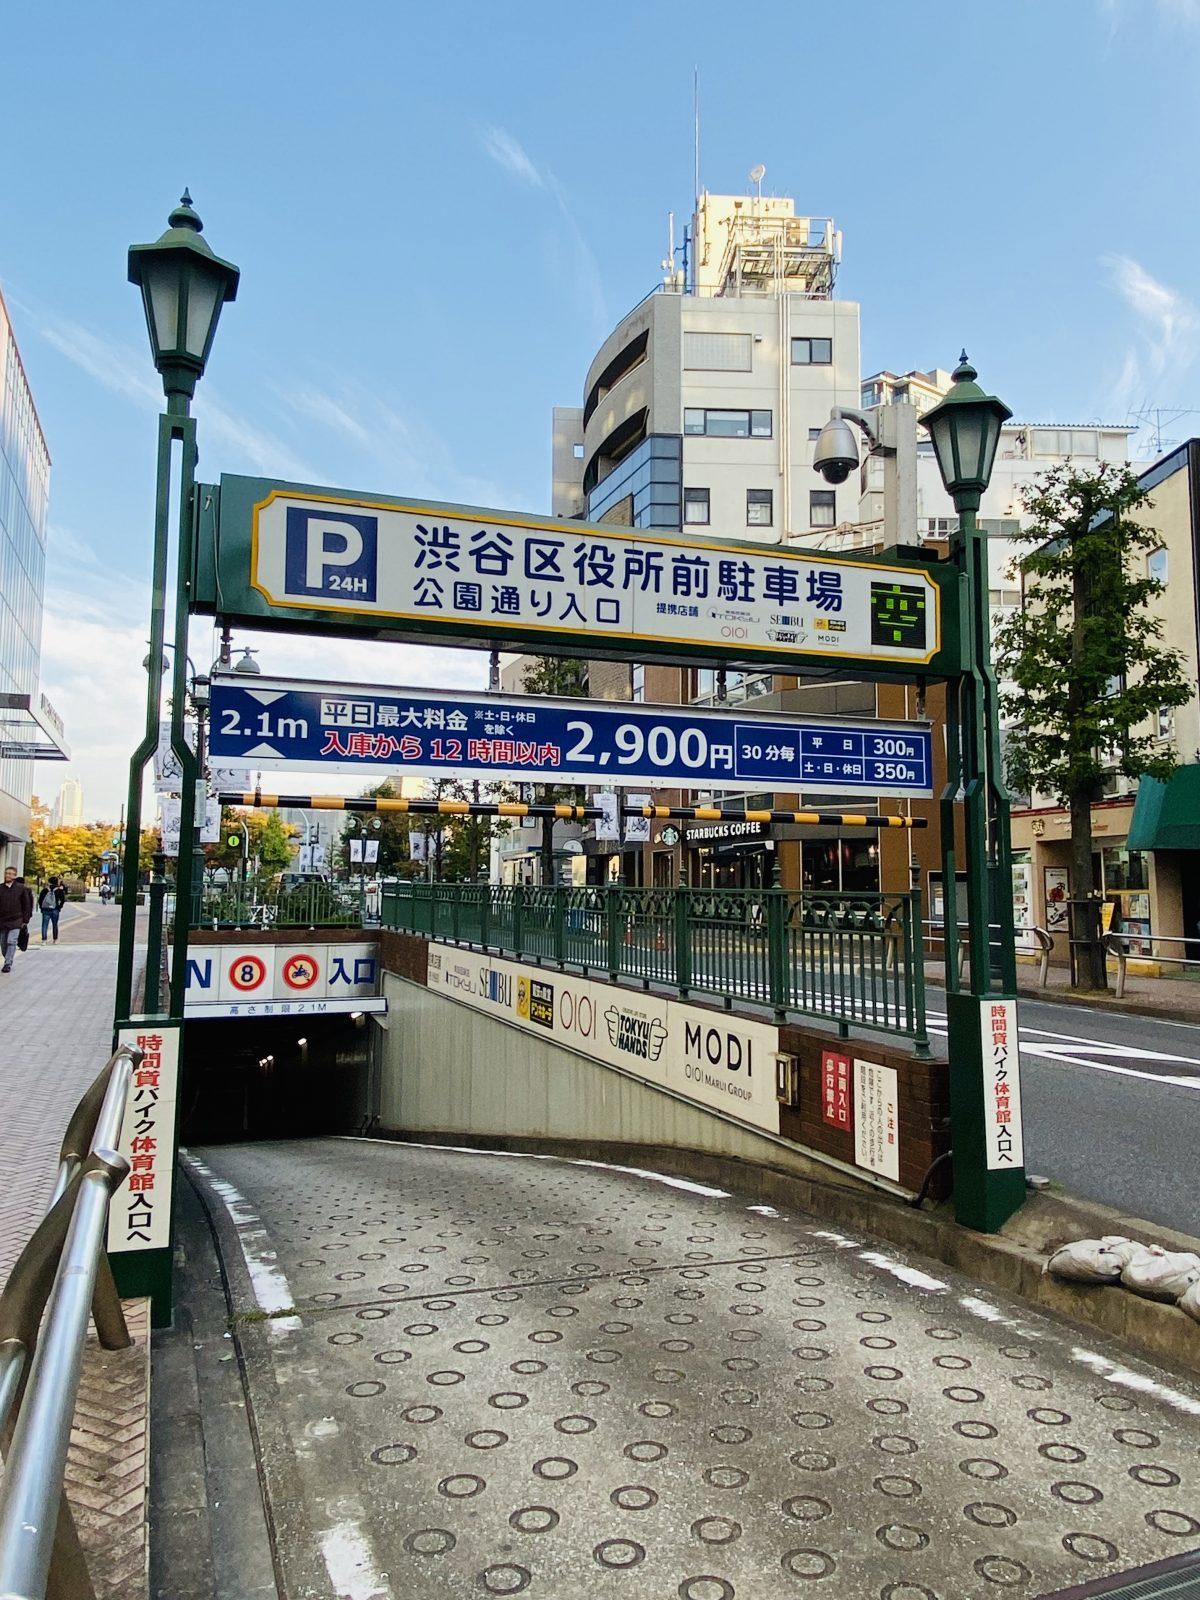 【駐車場】渋谷区役所前公共駐車場